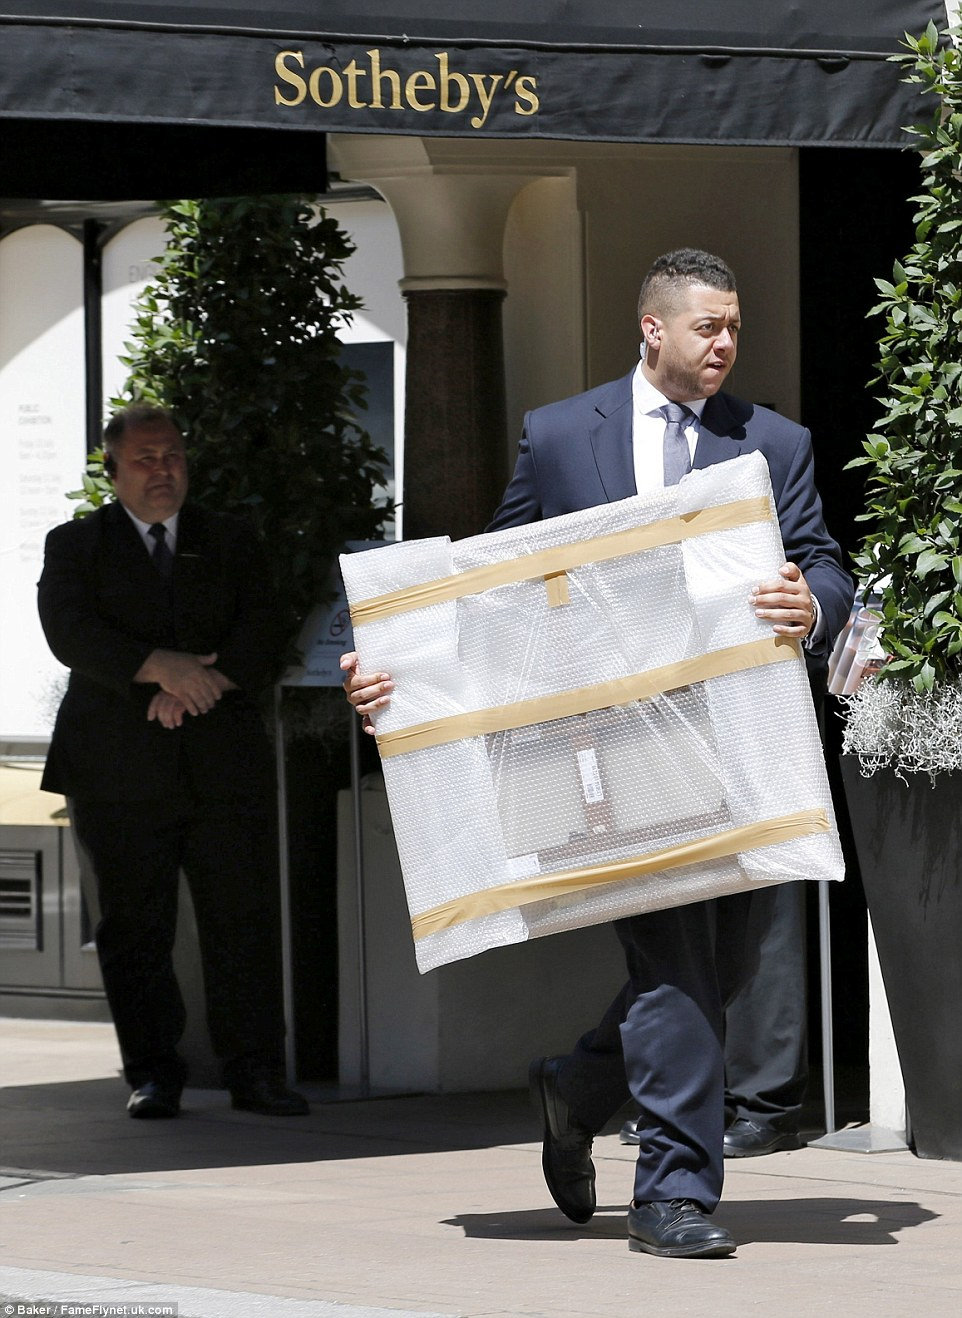 James Stunt fa shopping da Sotheby's. Cosa avrà acquistato?